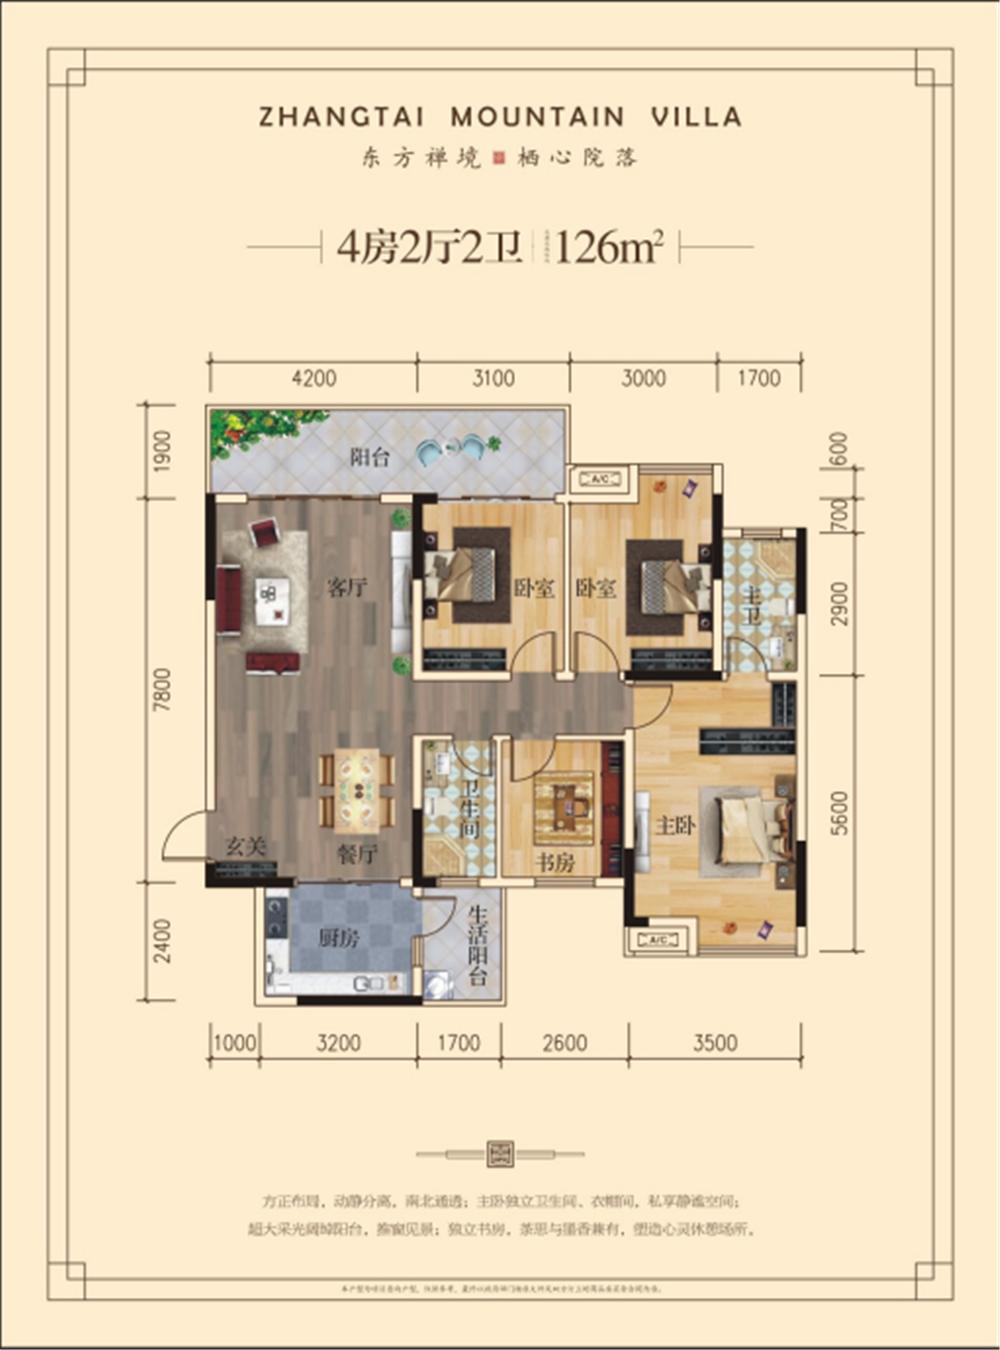 4房2厅2卫125㎡